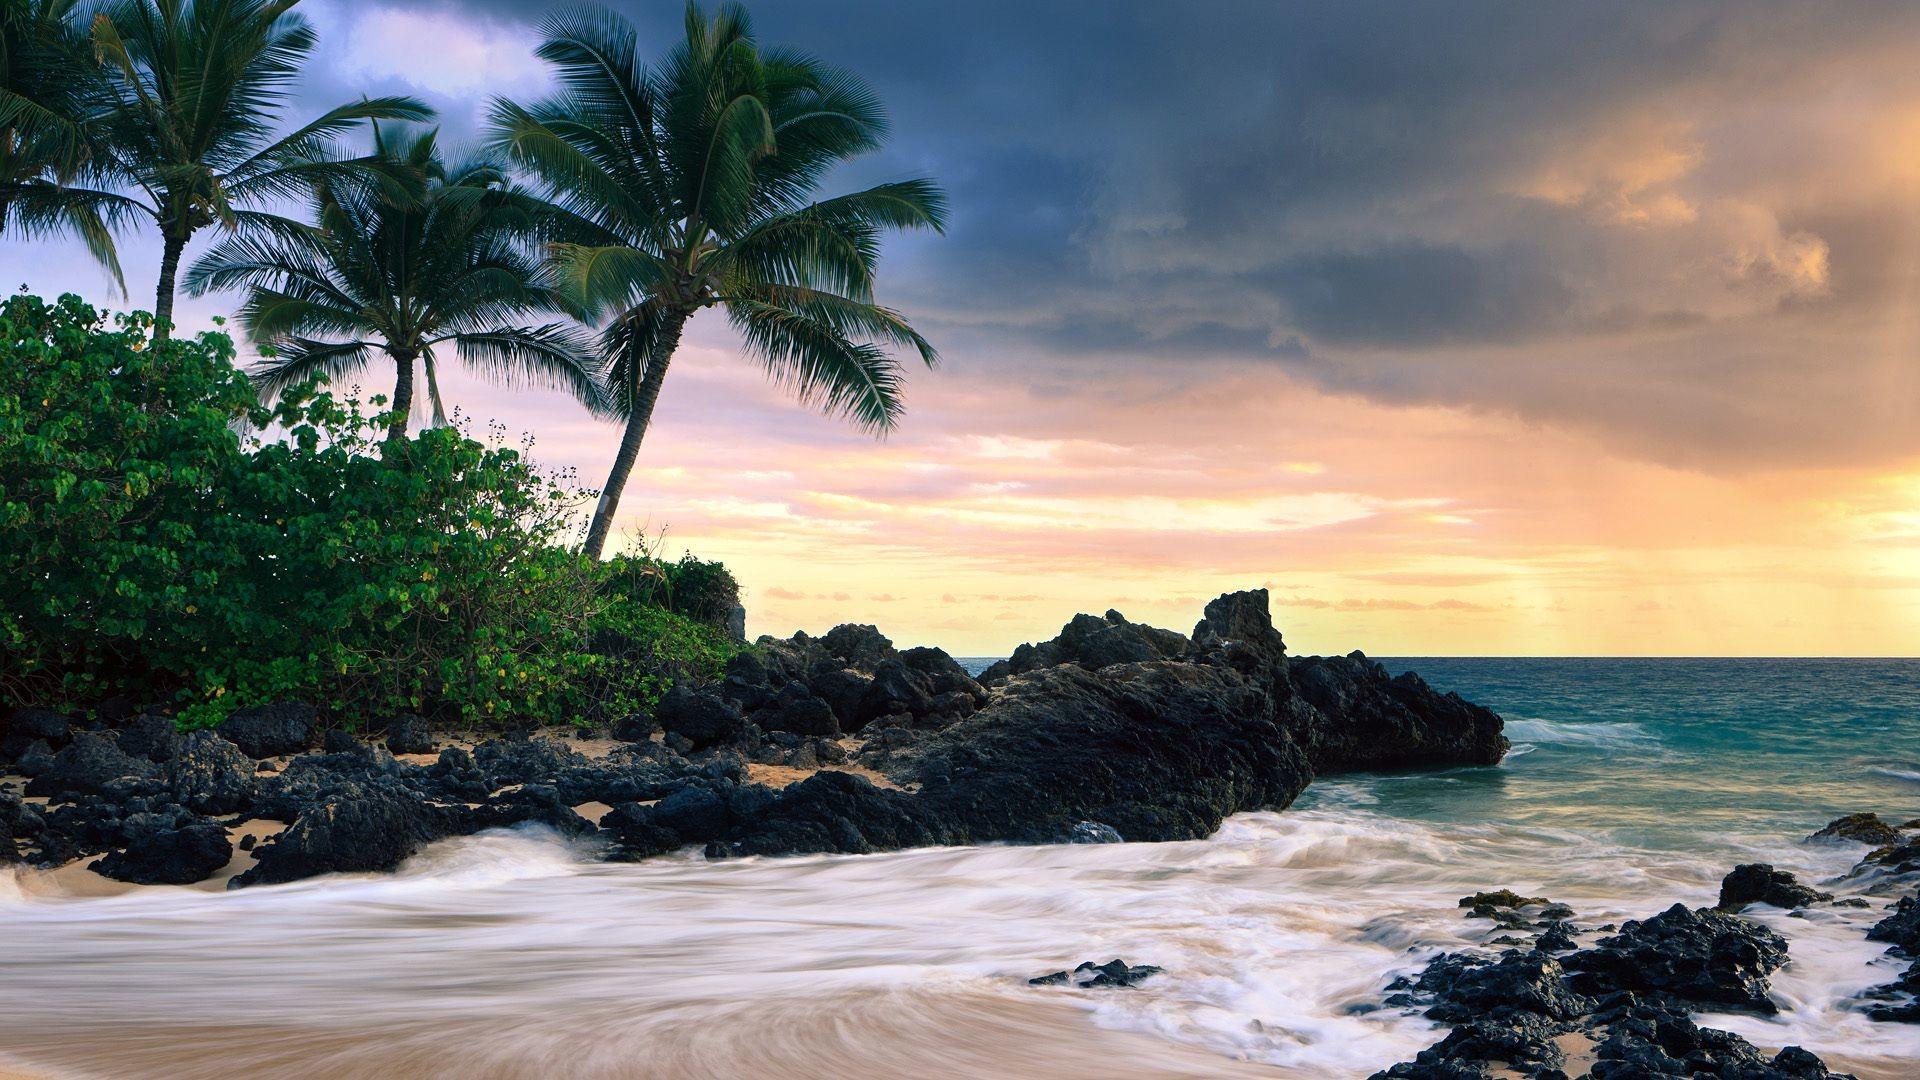 Hawaii Beach Wonderful Fhd Wallpaper